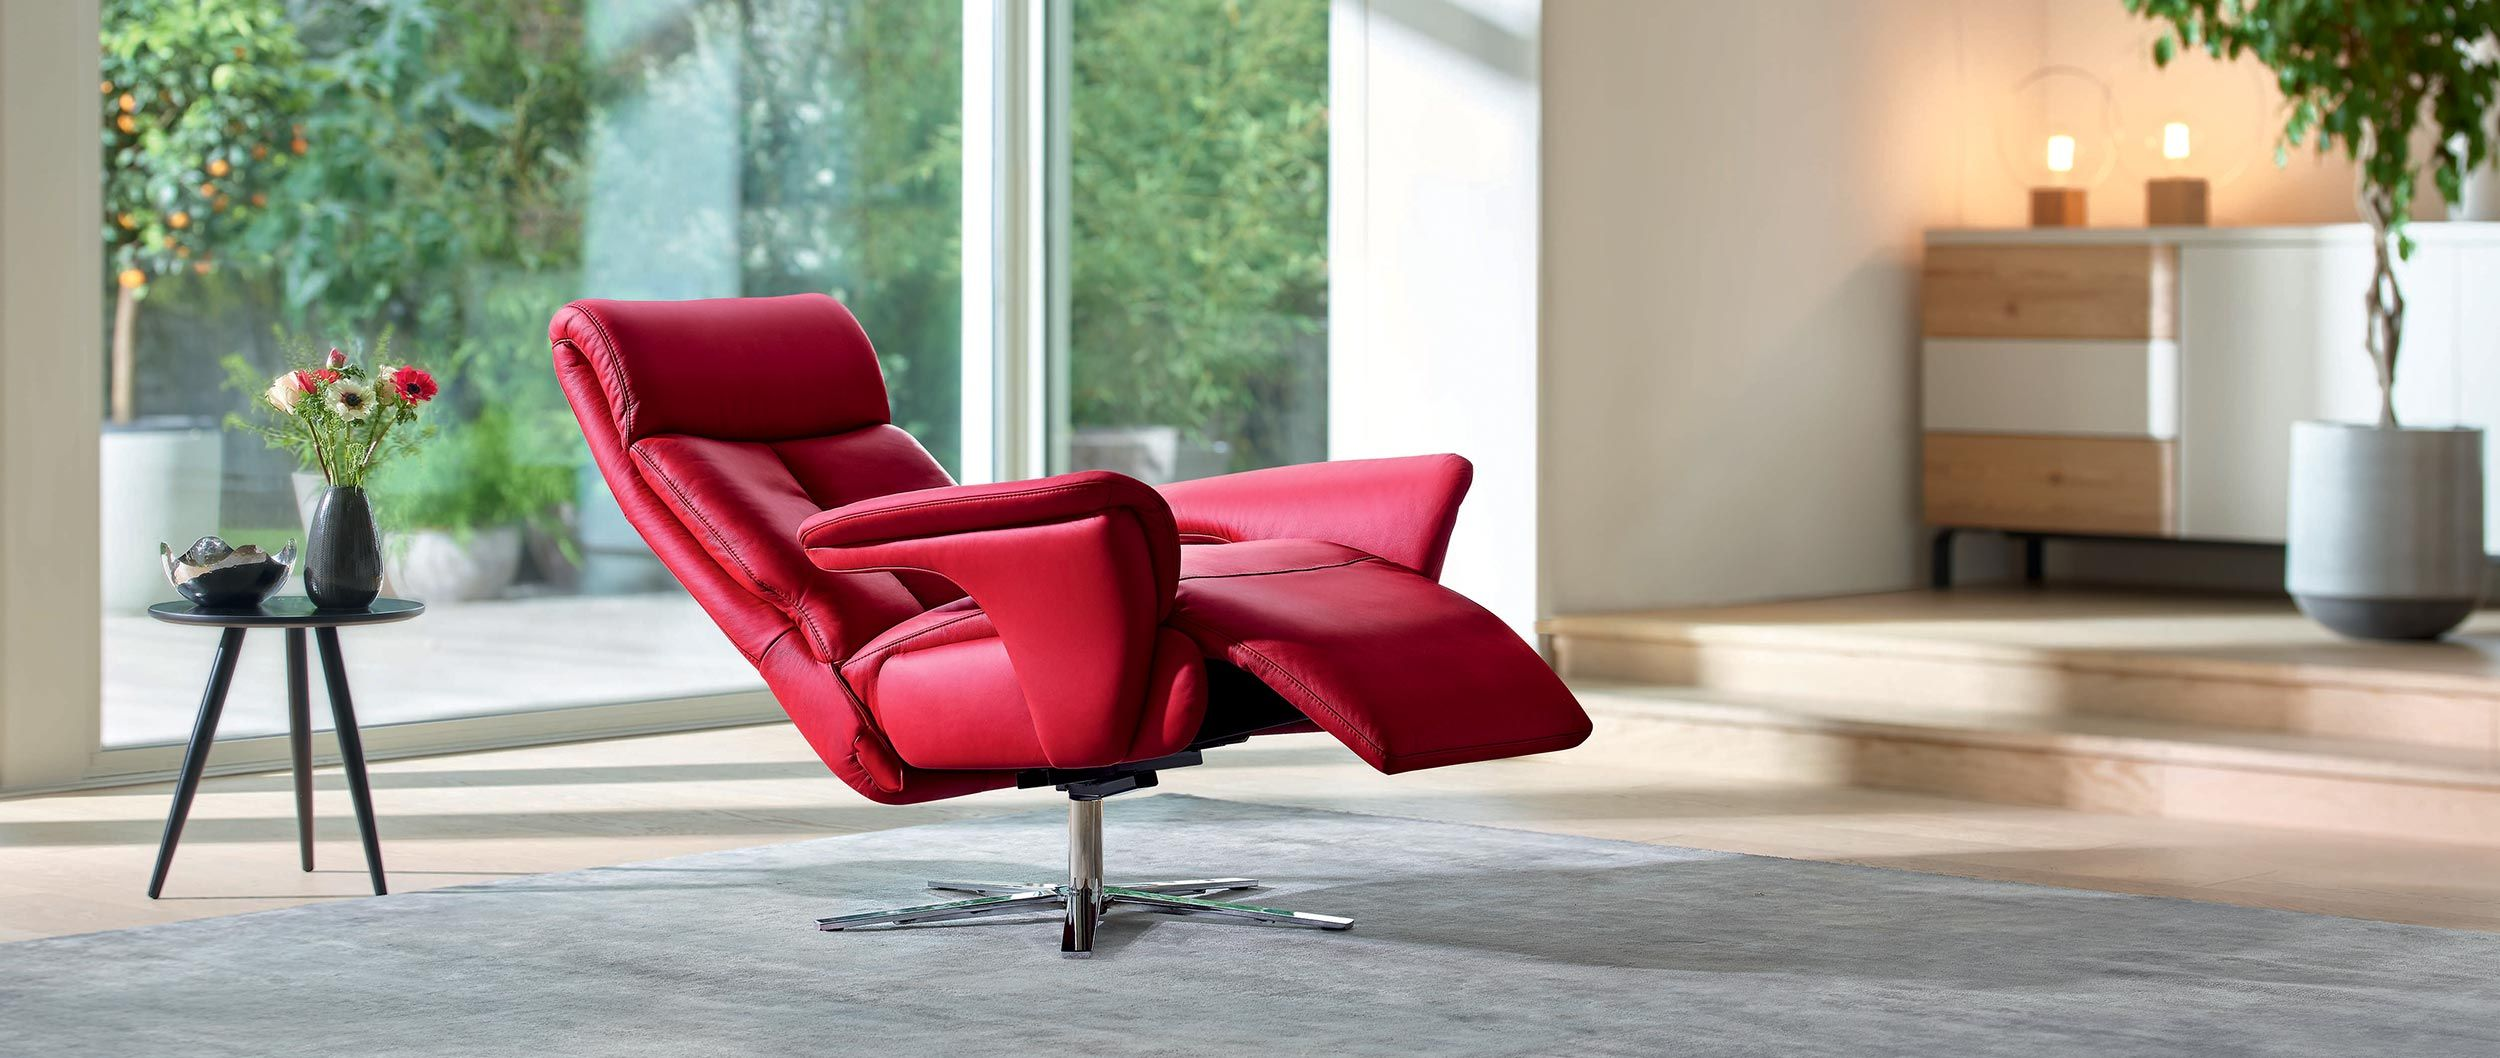 fauteuil camden inclinable et pivotant en cuir confort et relaxation. Black Bedroom Furniture Sets. Home Design Ideas